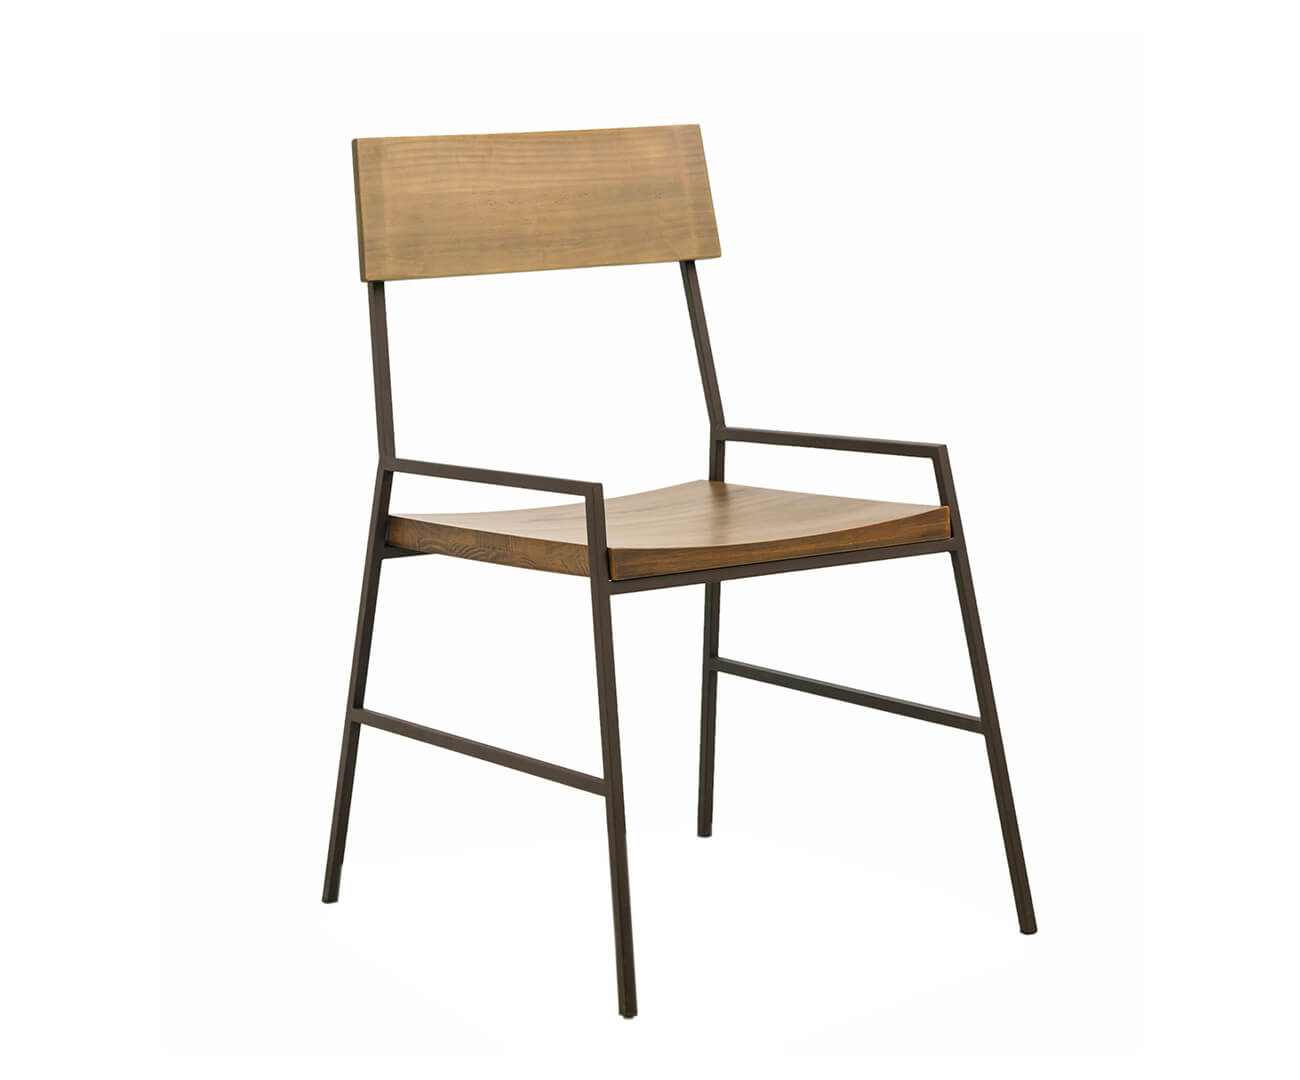 cadeira em madeira maciça e metal mescla 1288